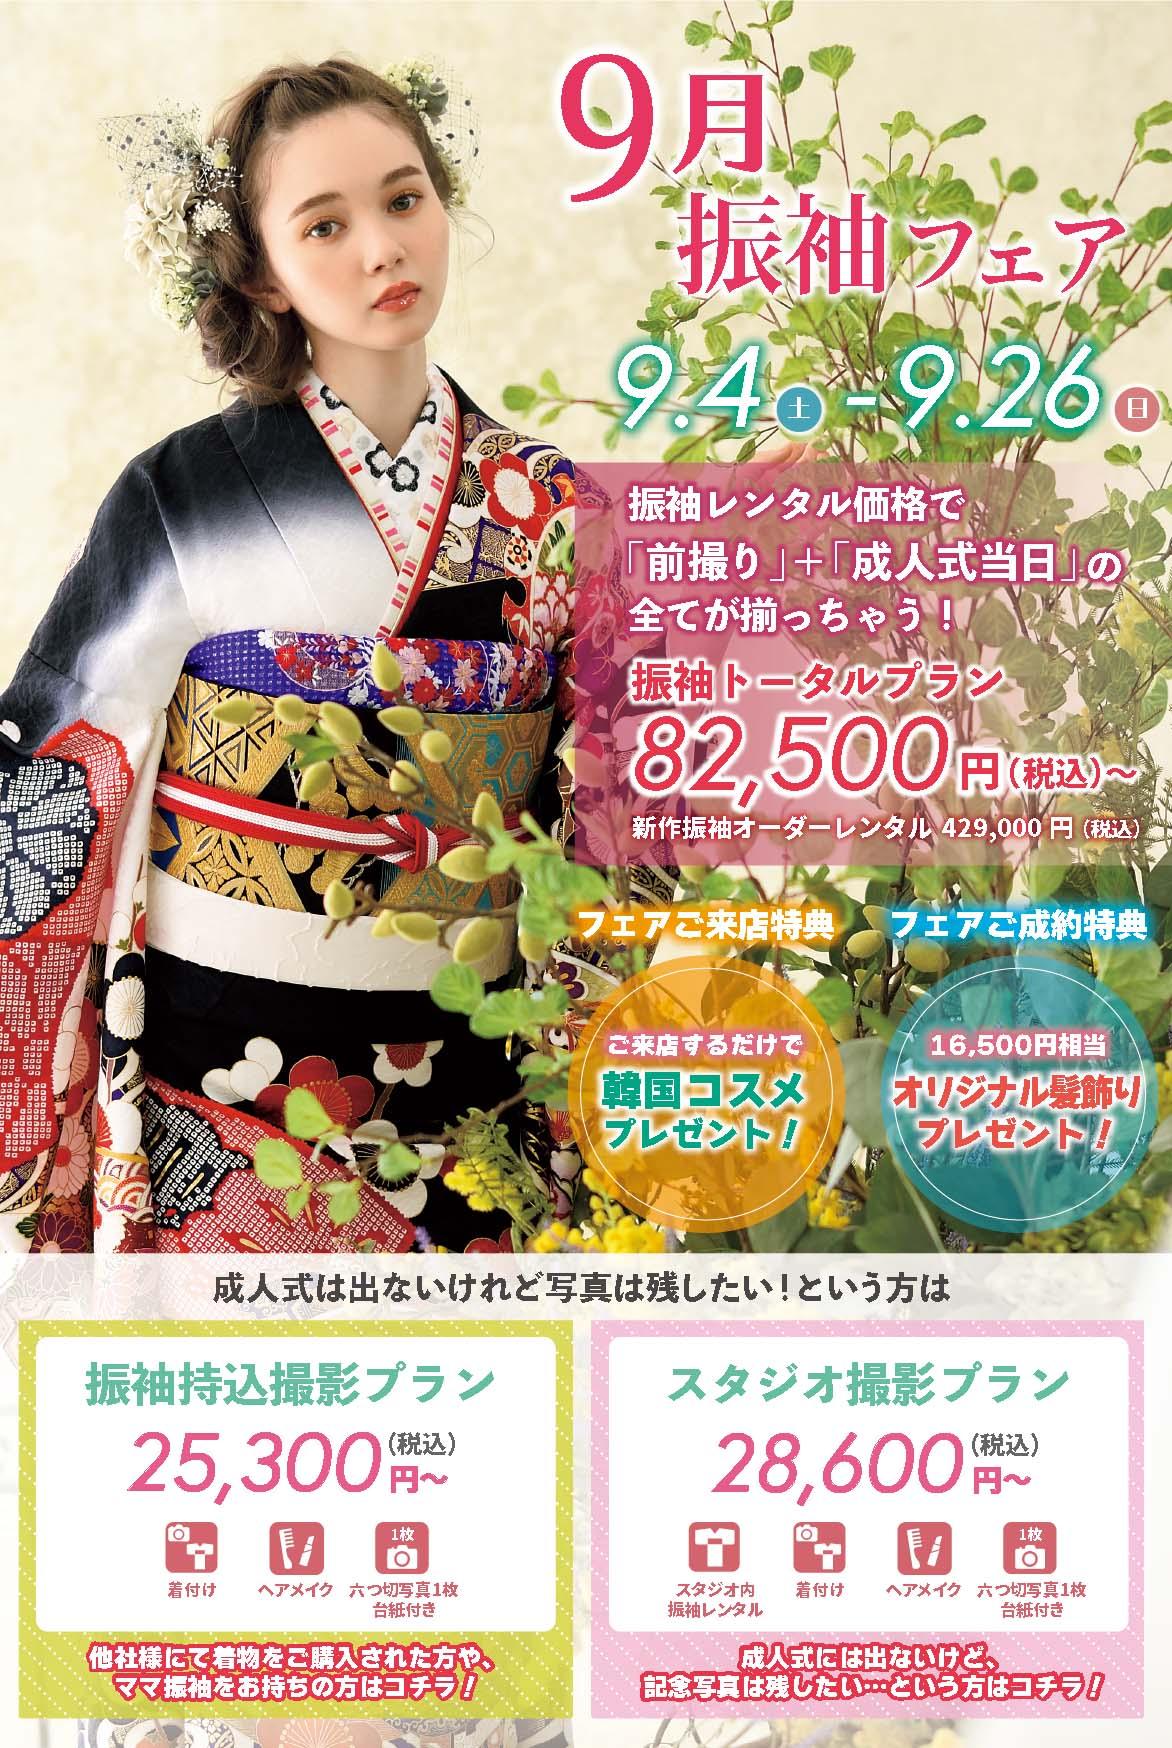 ふりそでもりの横浜関内店2021年9月振袖フェア